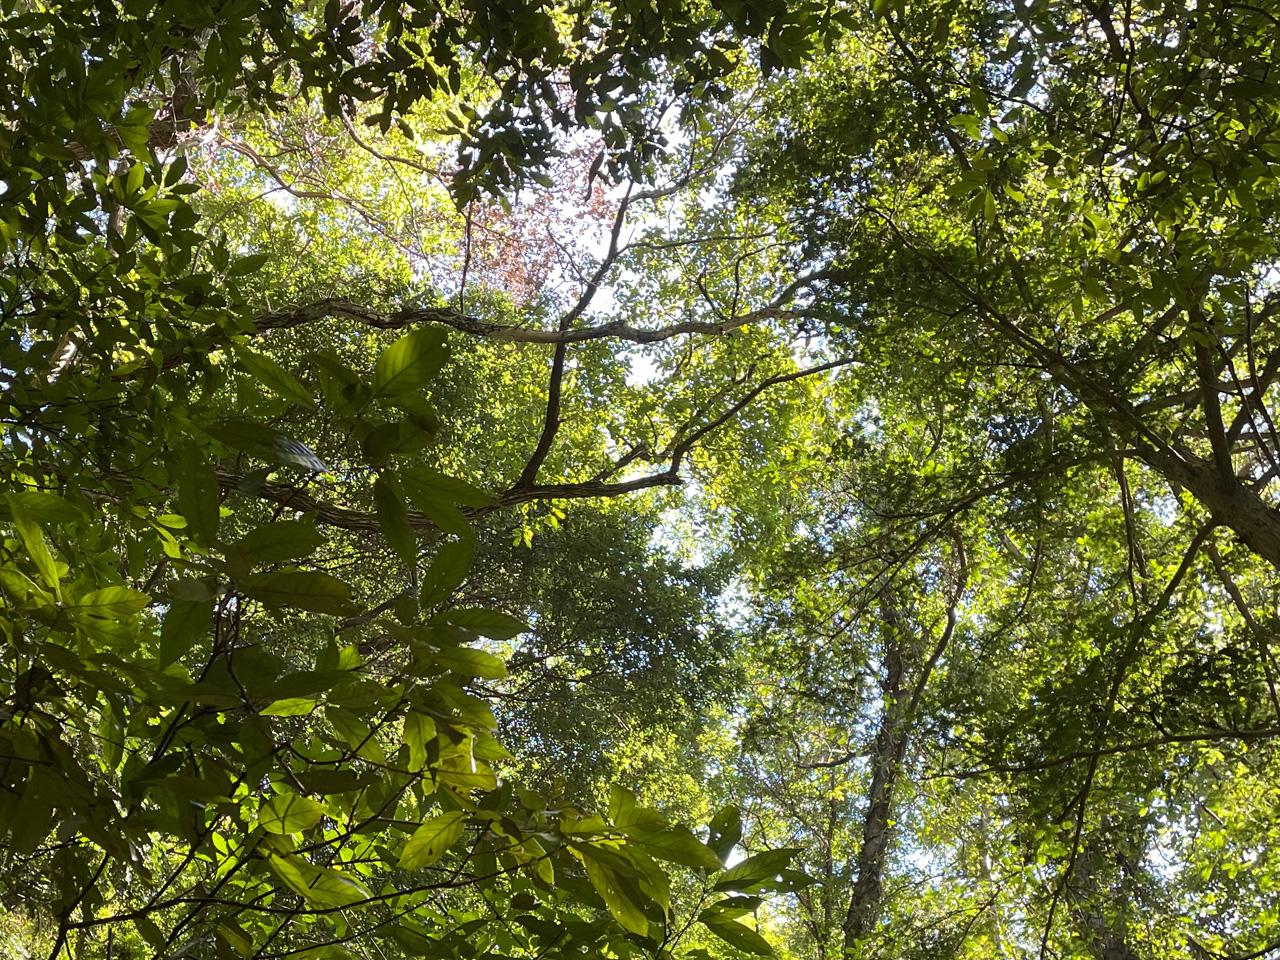 津久井城山の山道の木々